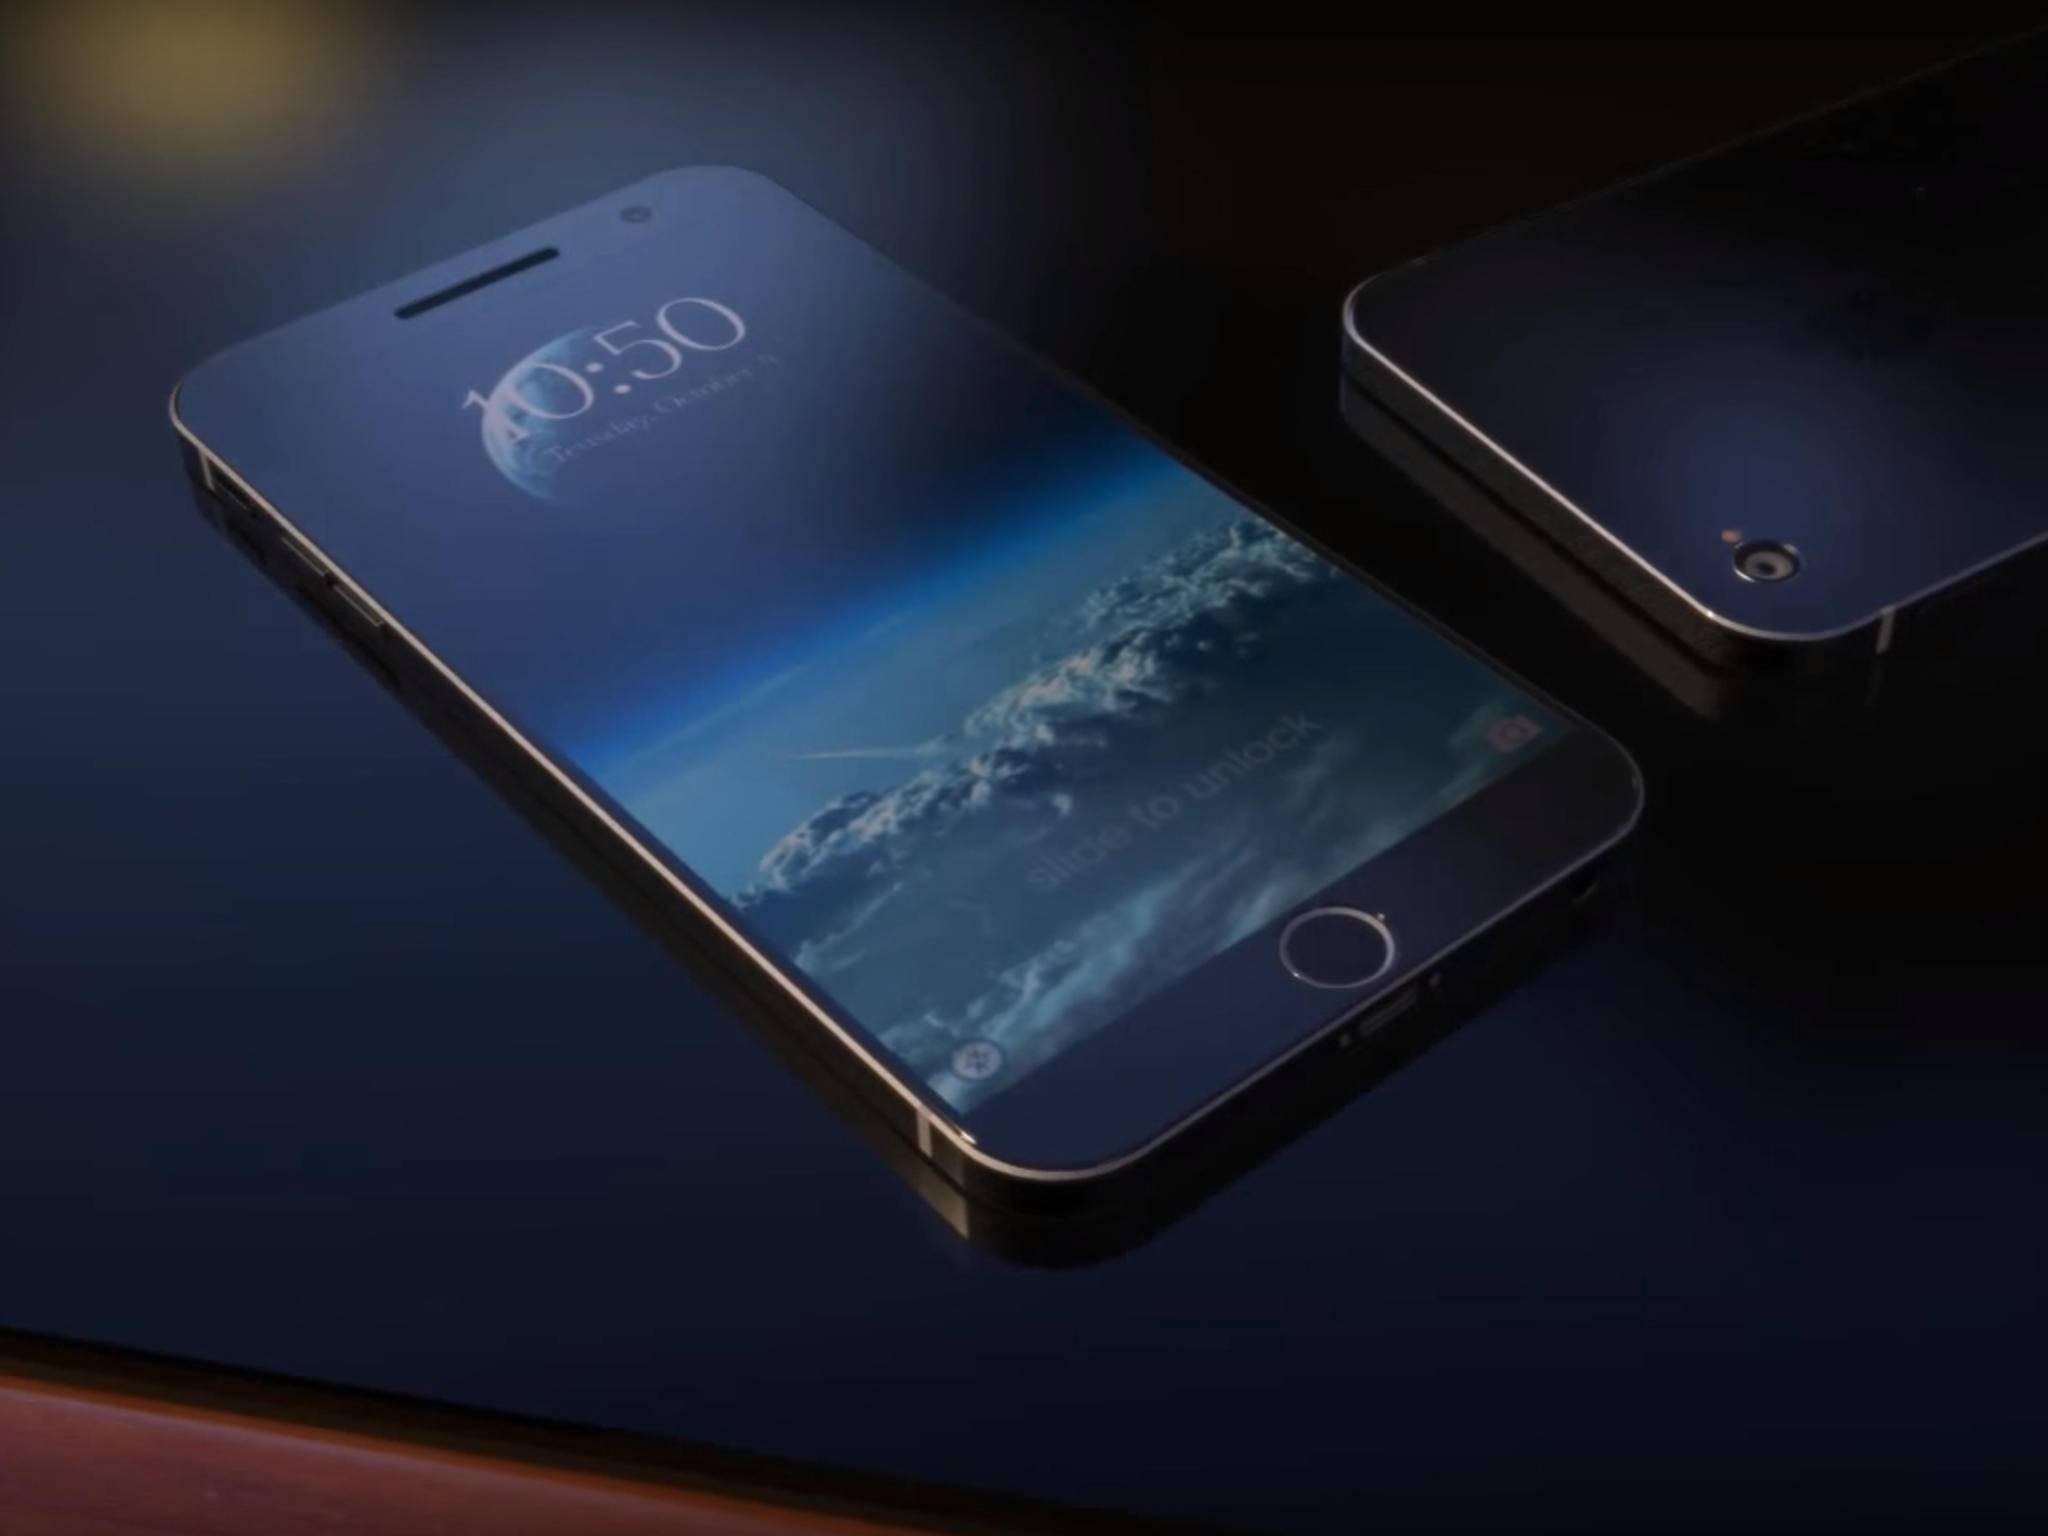 Wird das iPhone 7 so innovativ wie Tim Cook verspricht?